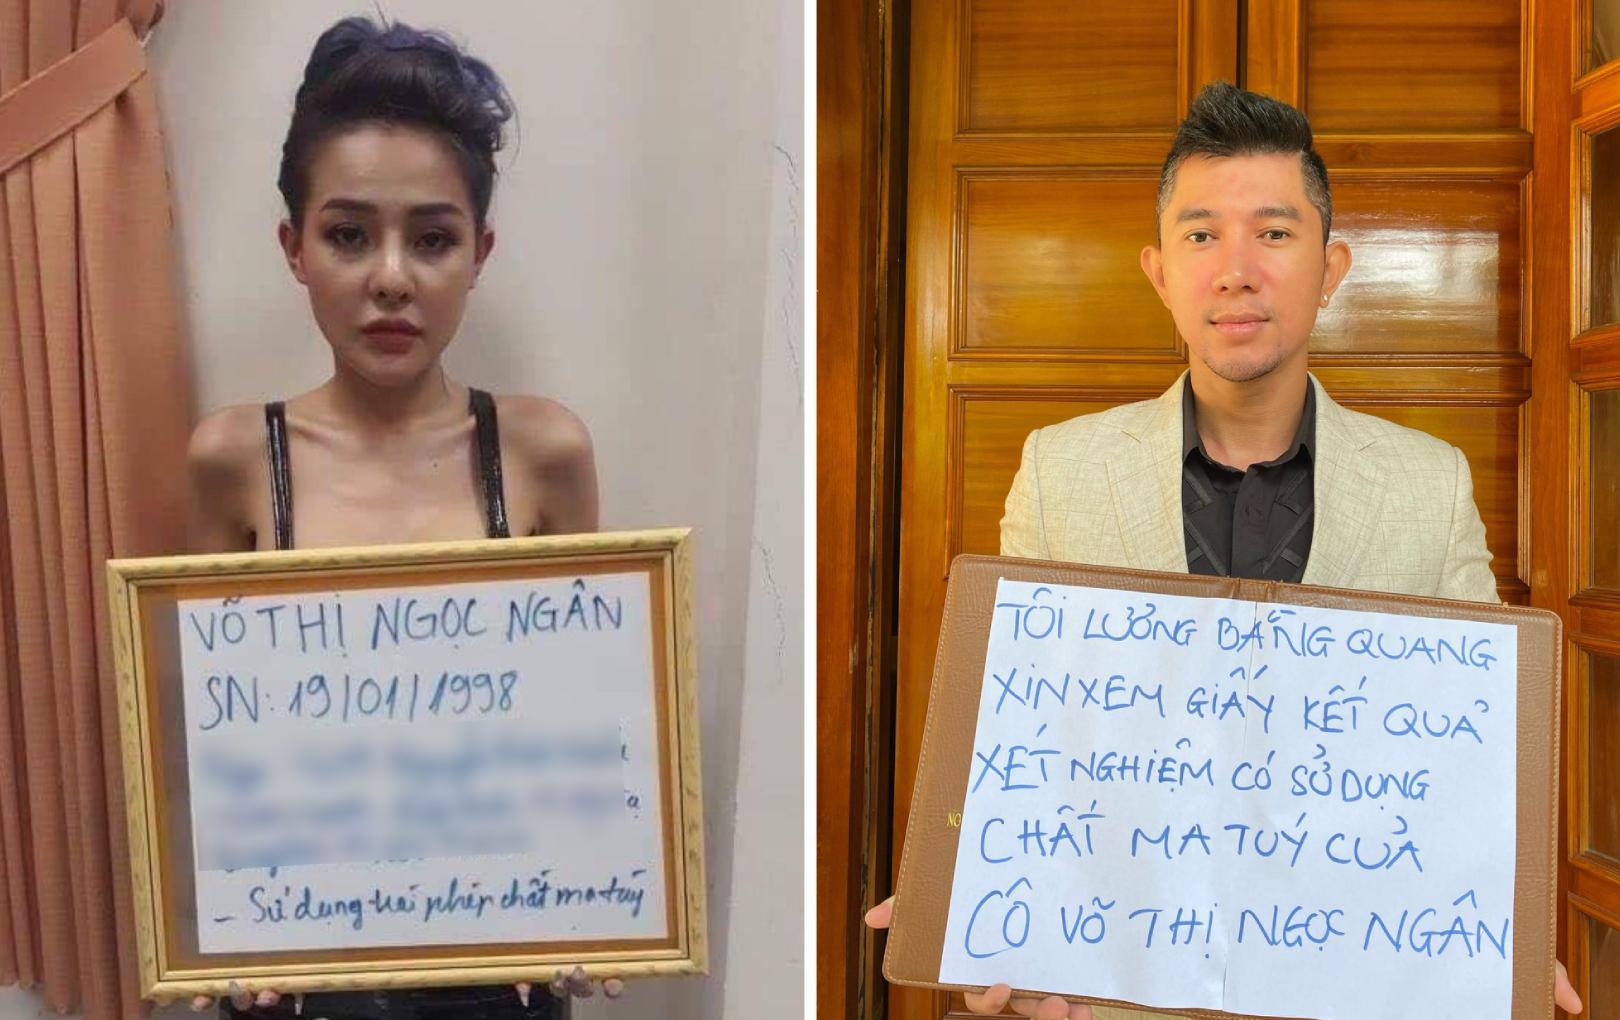 Lương Bằng Quang bênh vực Ngân 98, đòi xem kết quả xét nghiệm chất cấm của bạn gái